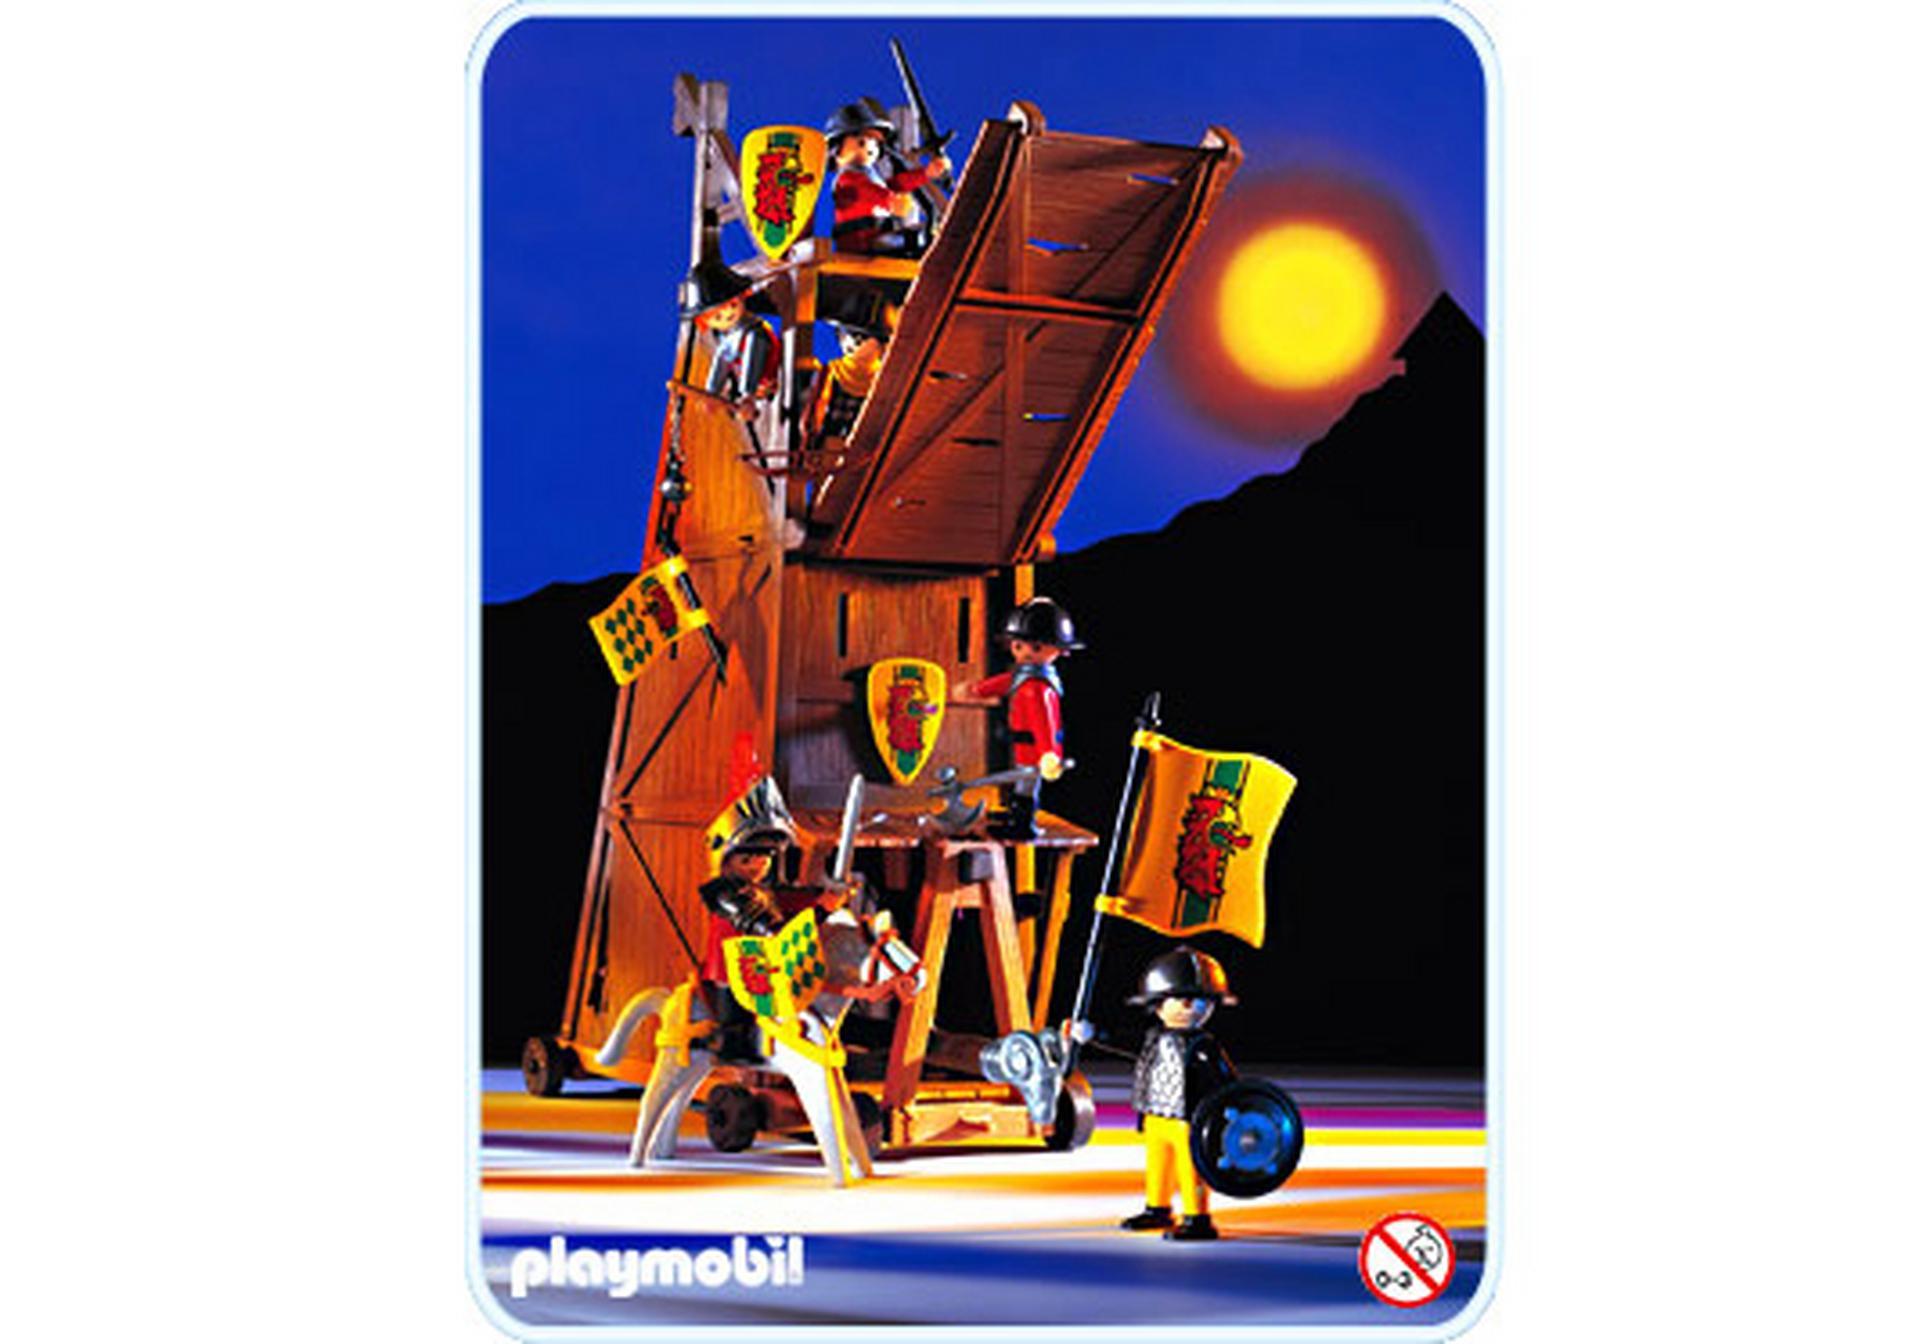 Angriffsturm 3887 a playmobil deutschland for Jugendzimmer playmobil